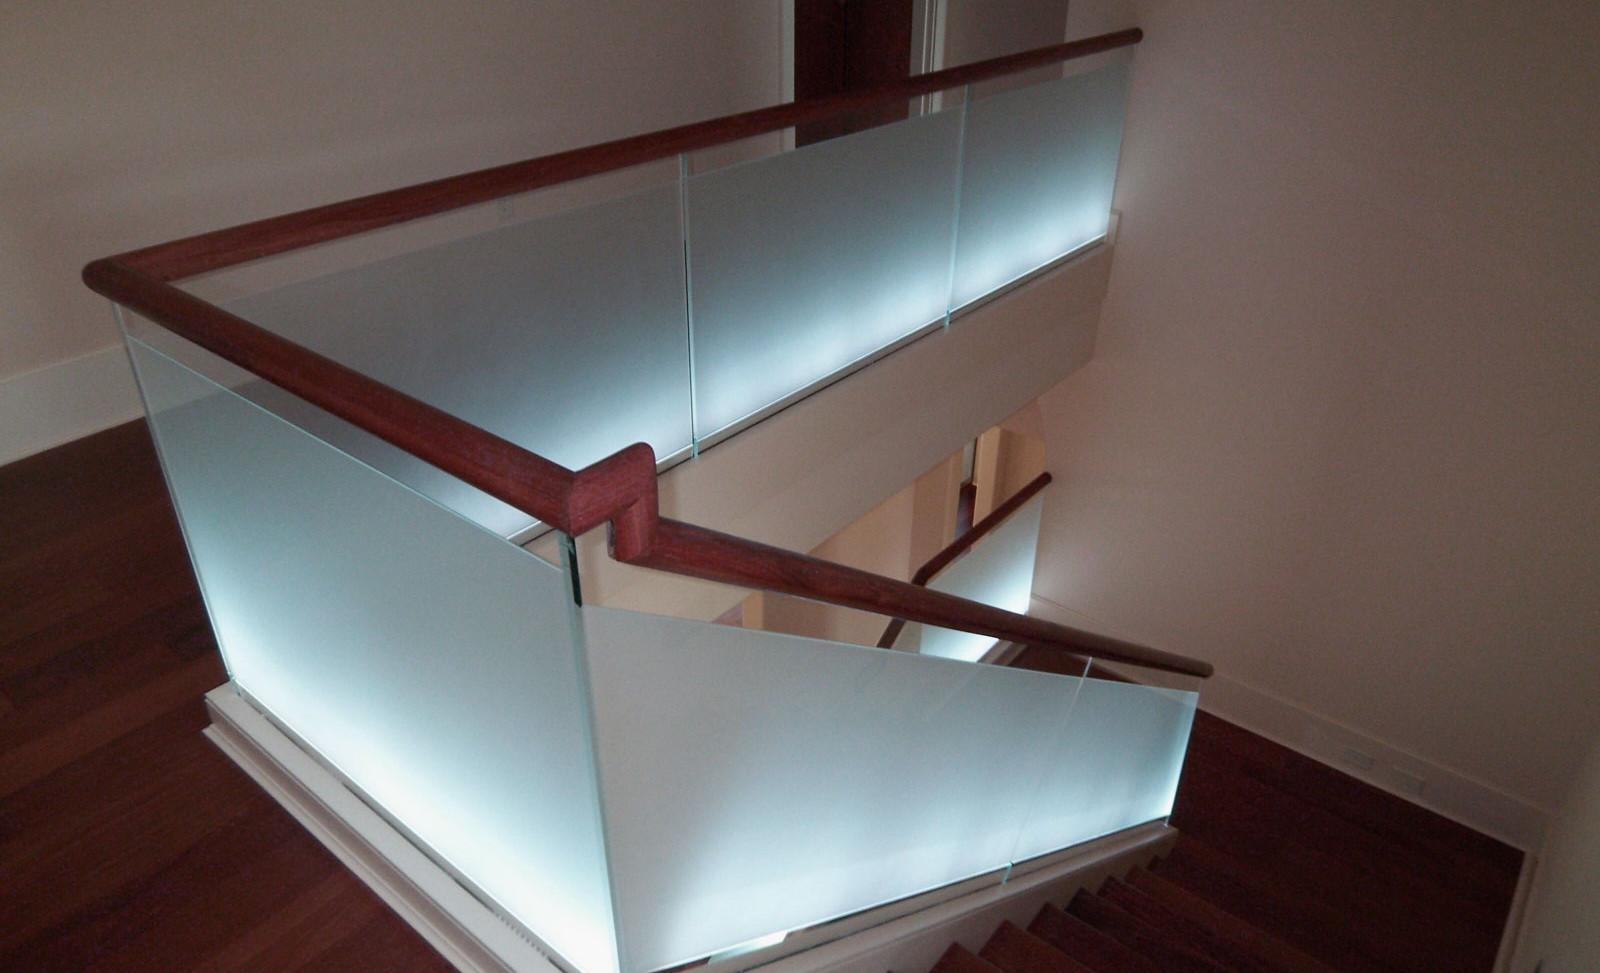 Stair-lighting-led-design-idea-3.jpg